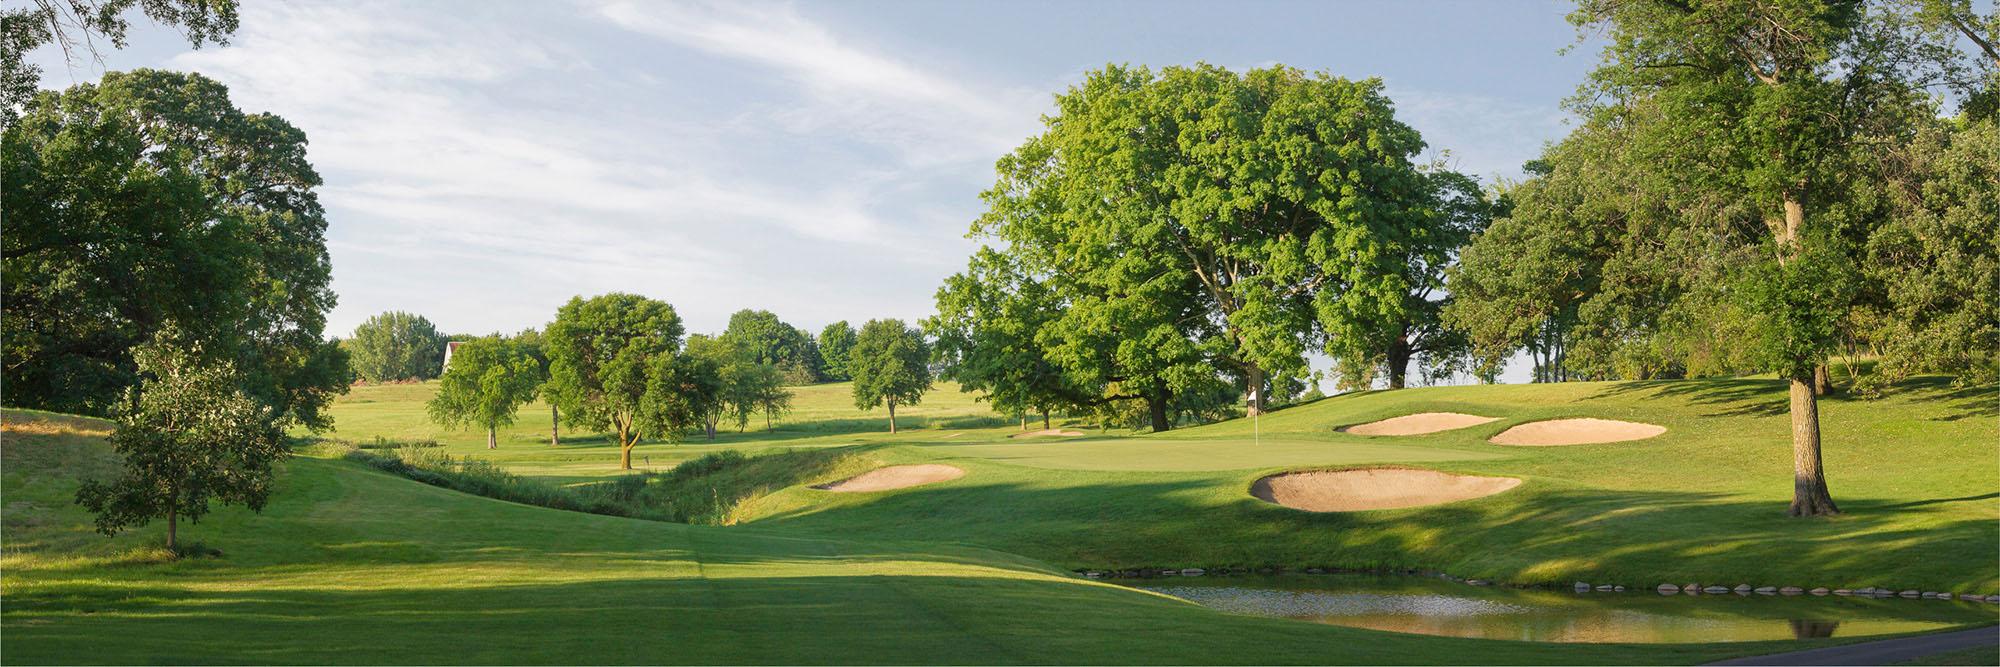 Golf Course Image - Hazeltine No. 17